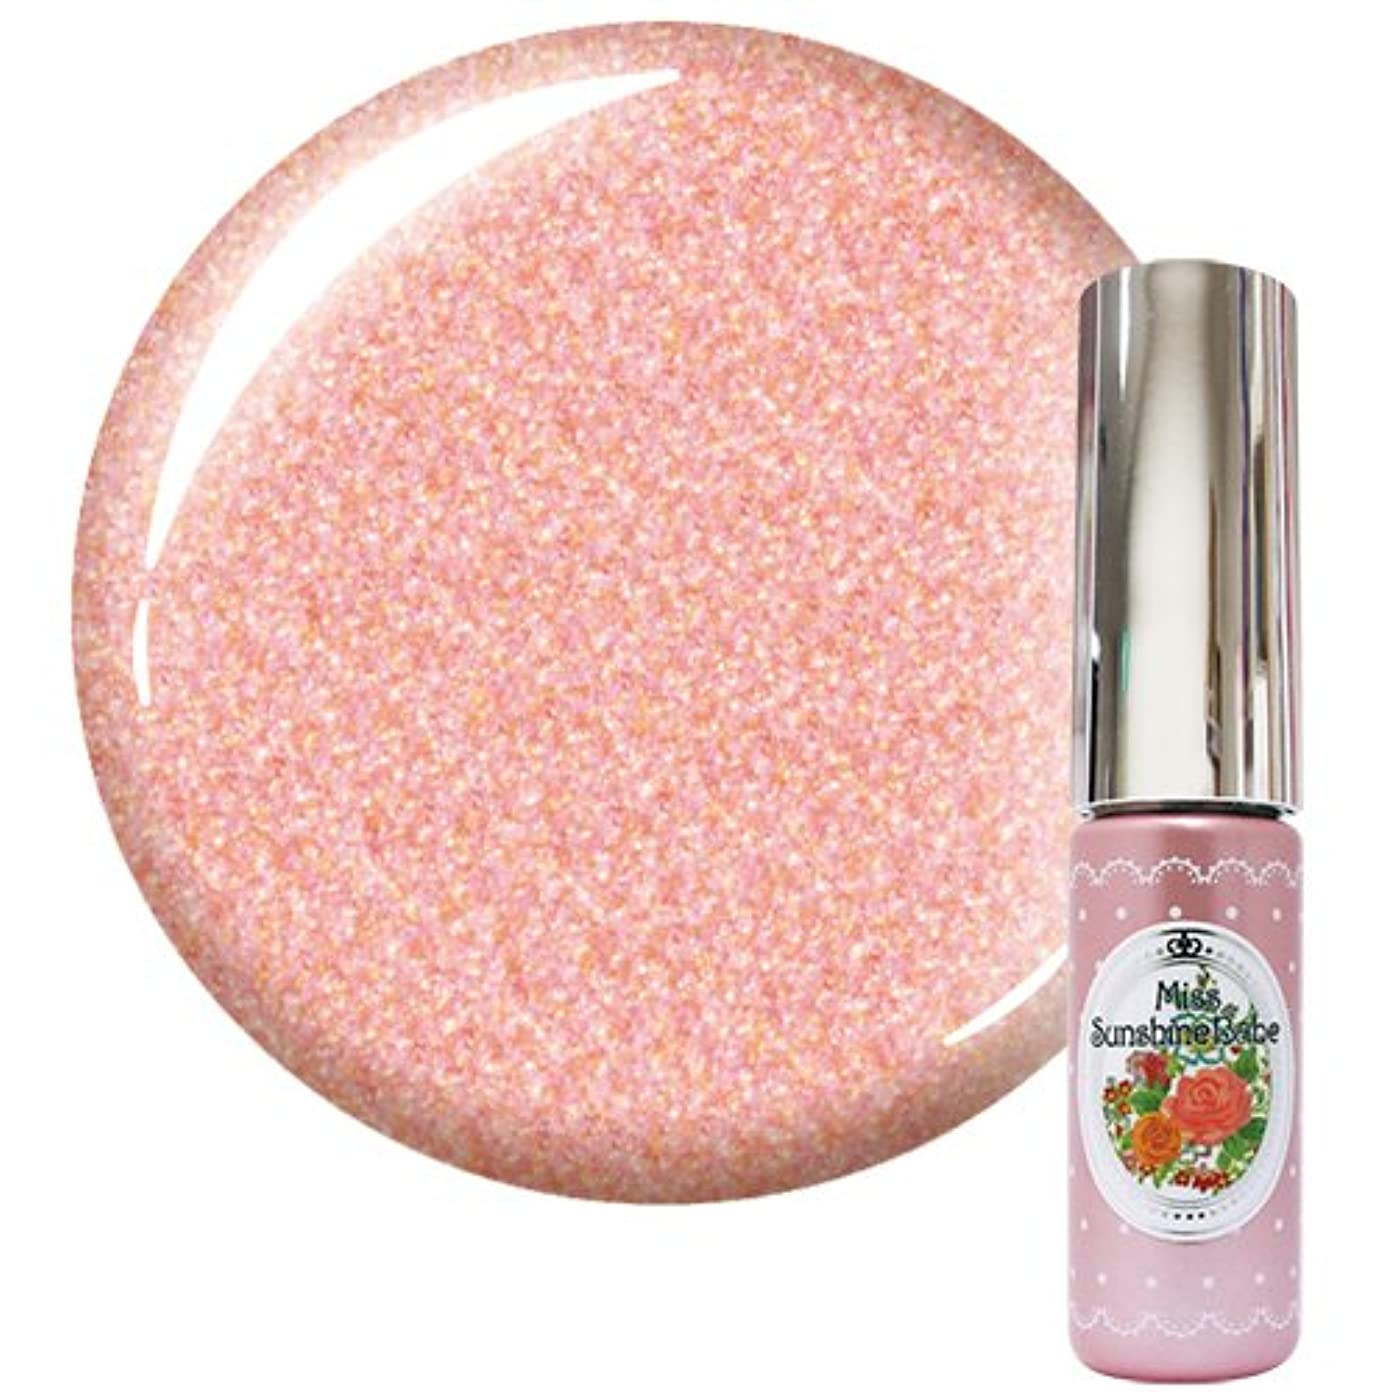 Miss SunshineBabe ミス サンシャインベビー カラージェル MC-23 5g コーラルピンク UV/LED対応